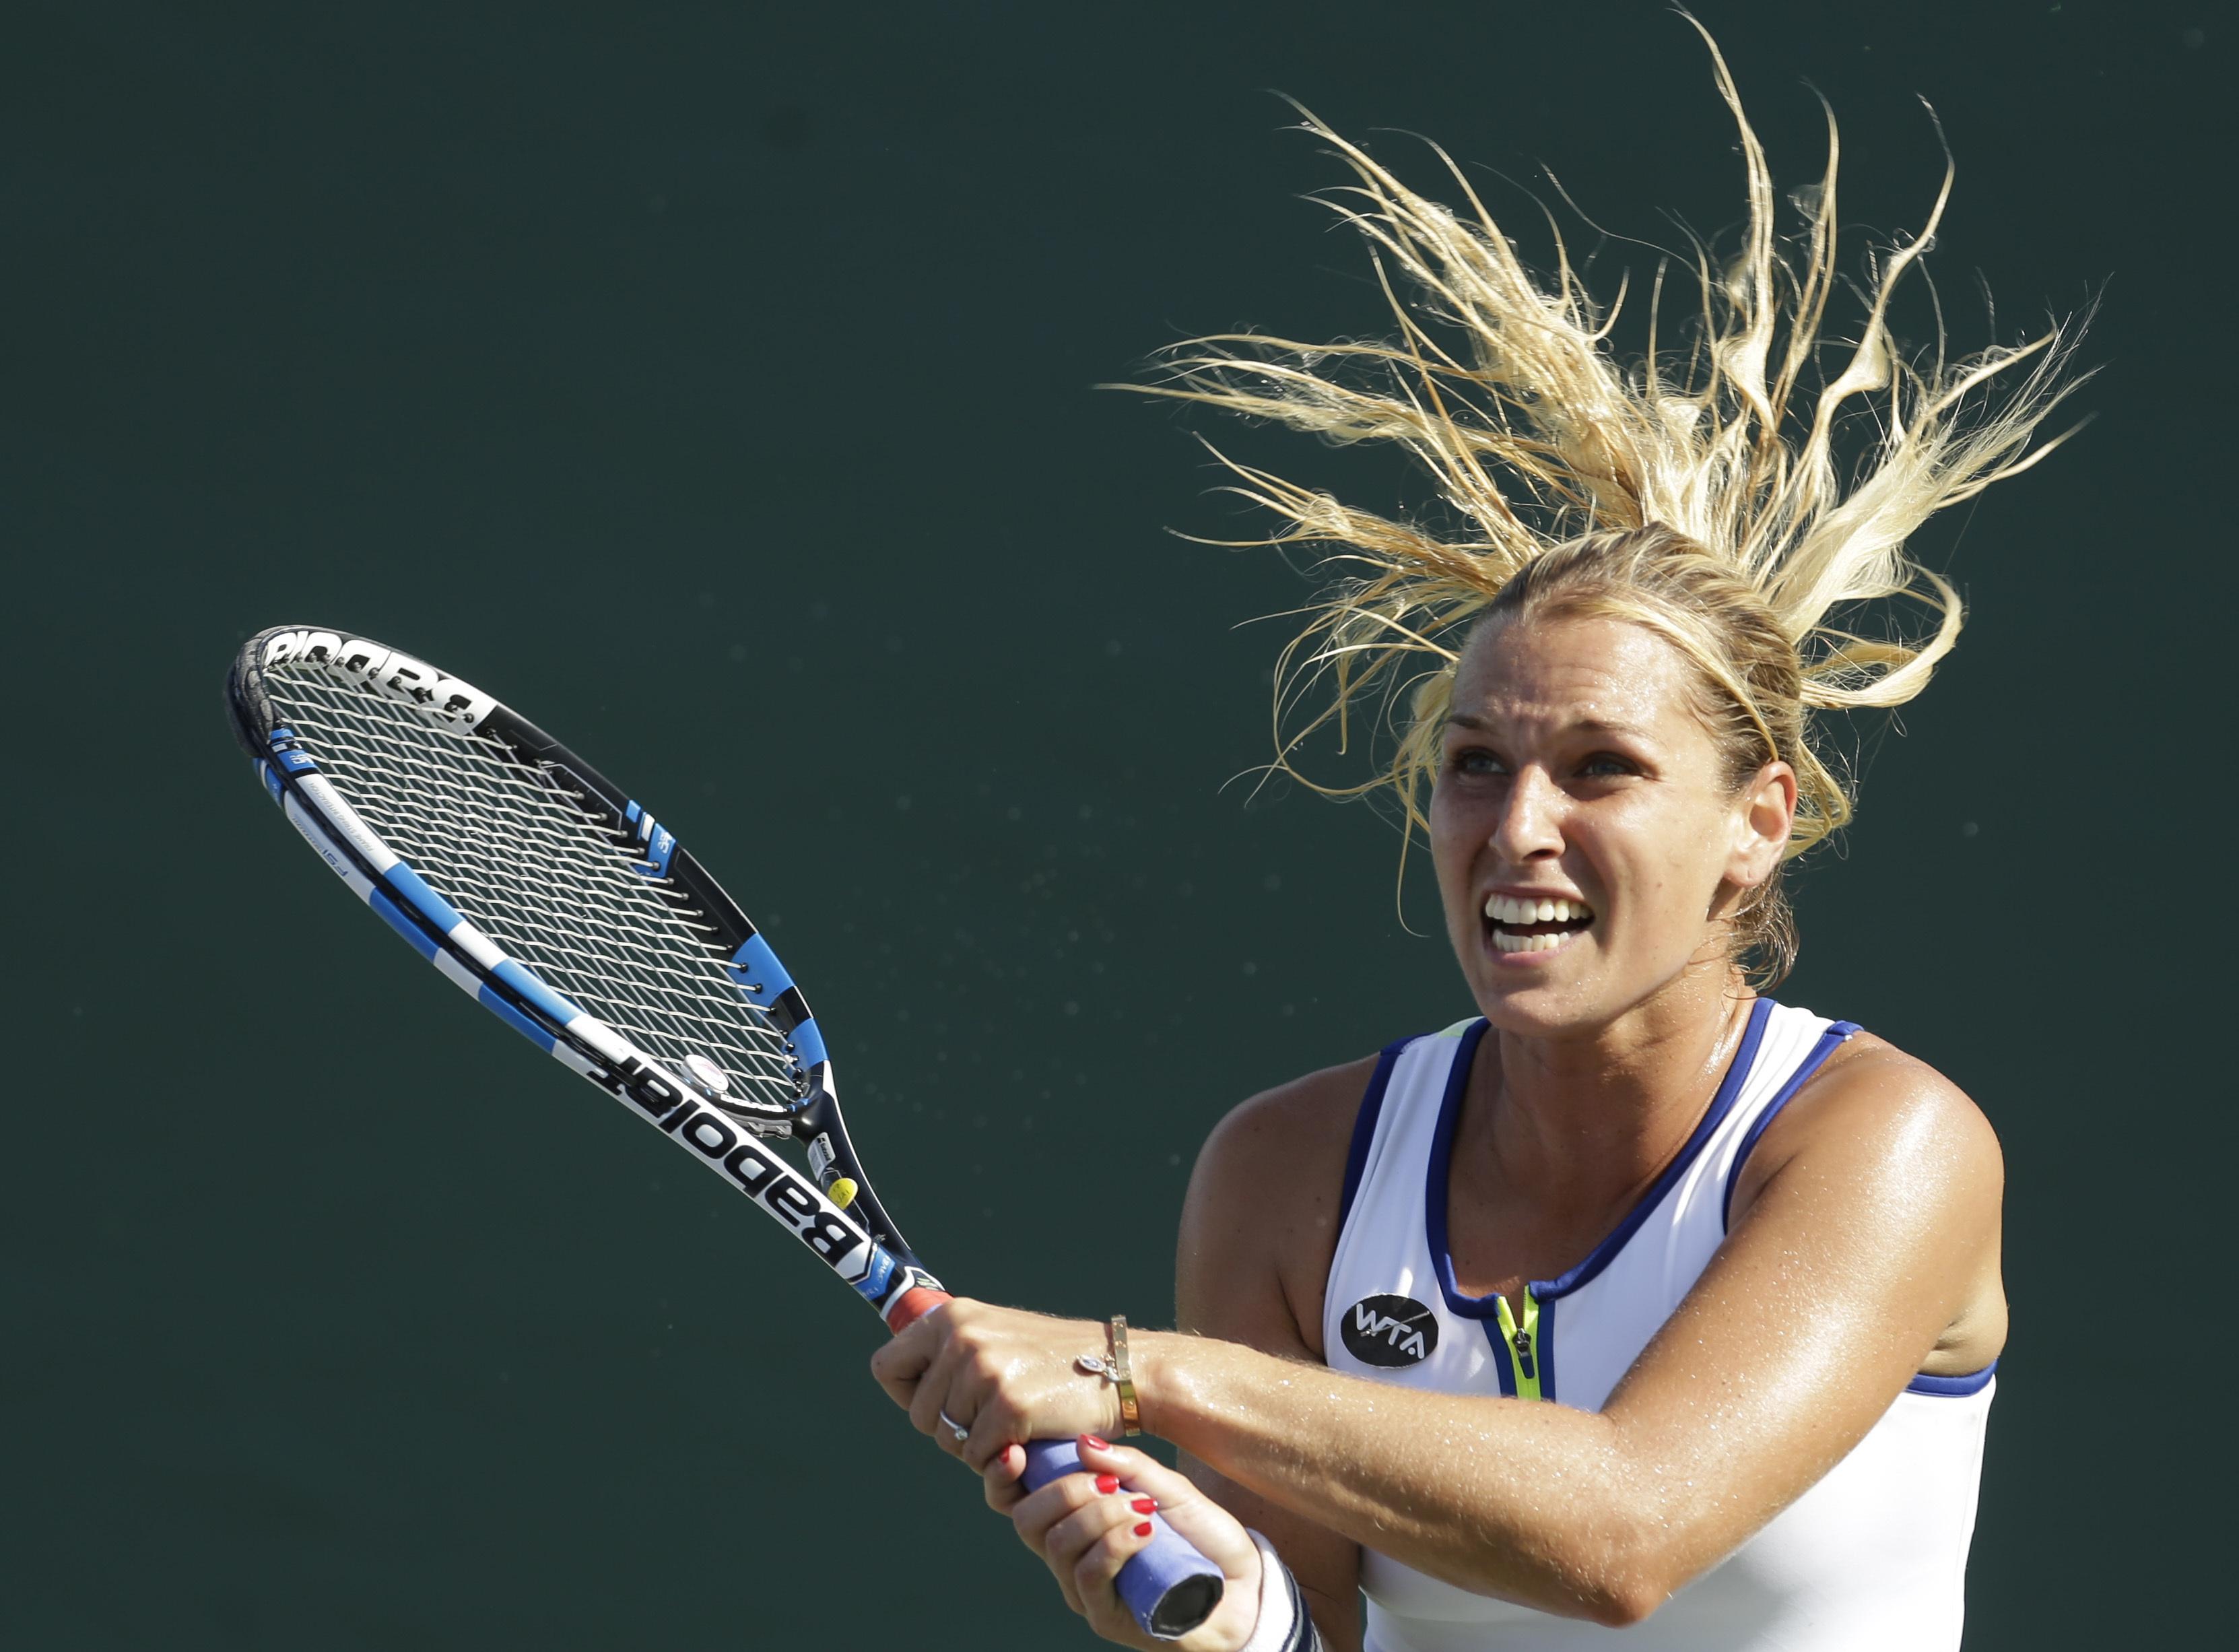 Dominika Cibulkova, of Slovakia, returns to Johanna Larsson, of Sweden, during a match at the Miami Open tennis tournament in Key Biscayne, Fla., Wednesday, March 23, 2016. Cibulkova won 4-6, 6-1, 6-2. (AP Photo/Alan Diaz)